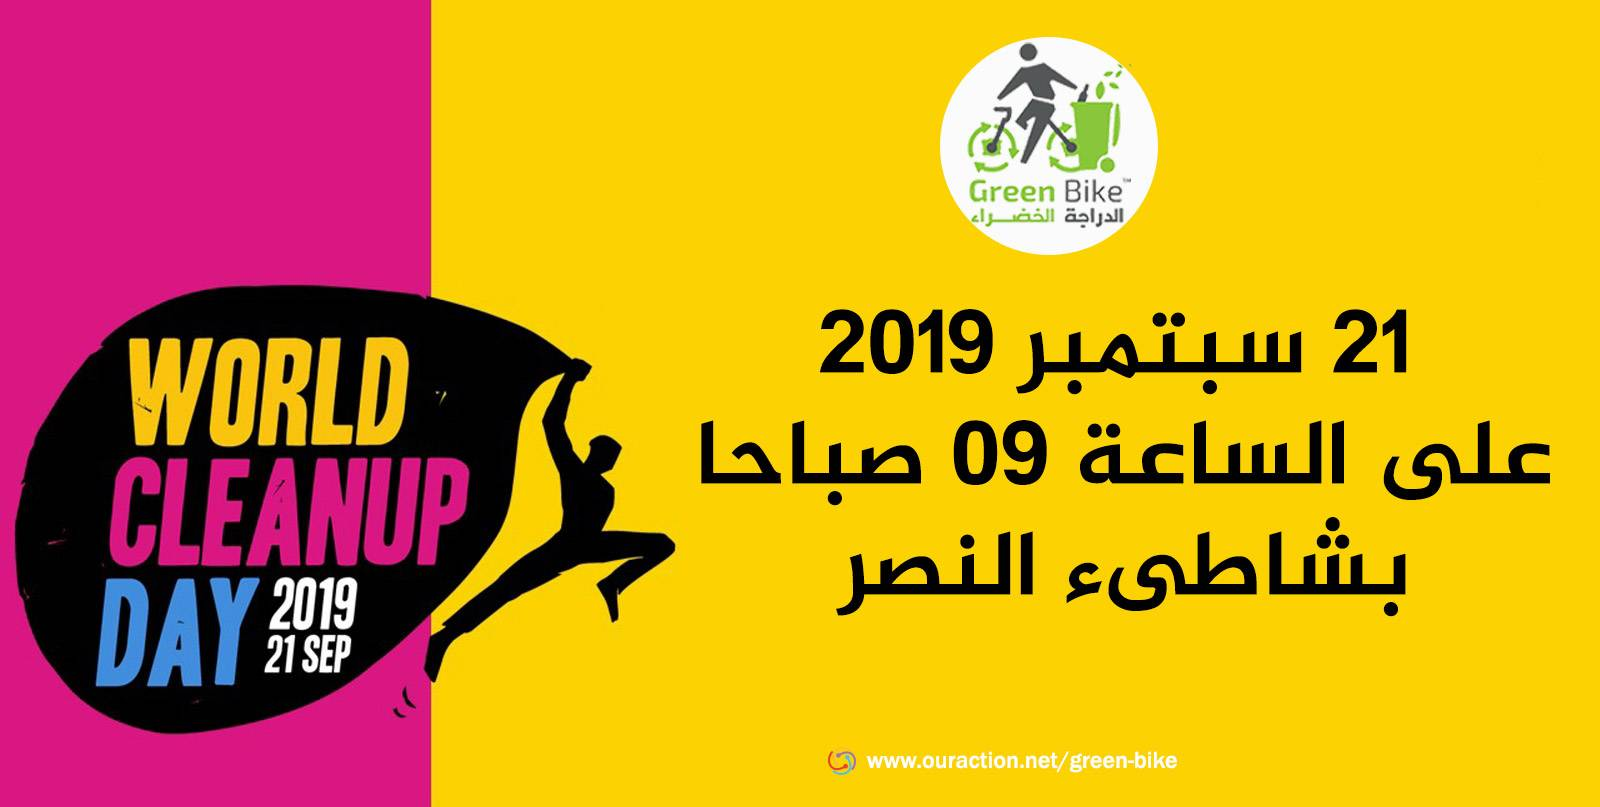 2019 World cleanup day - GREEN BIKE